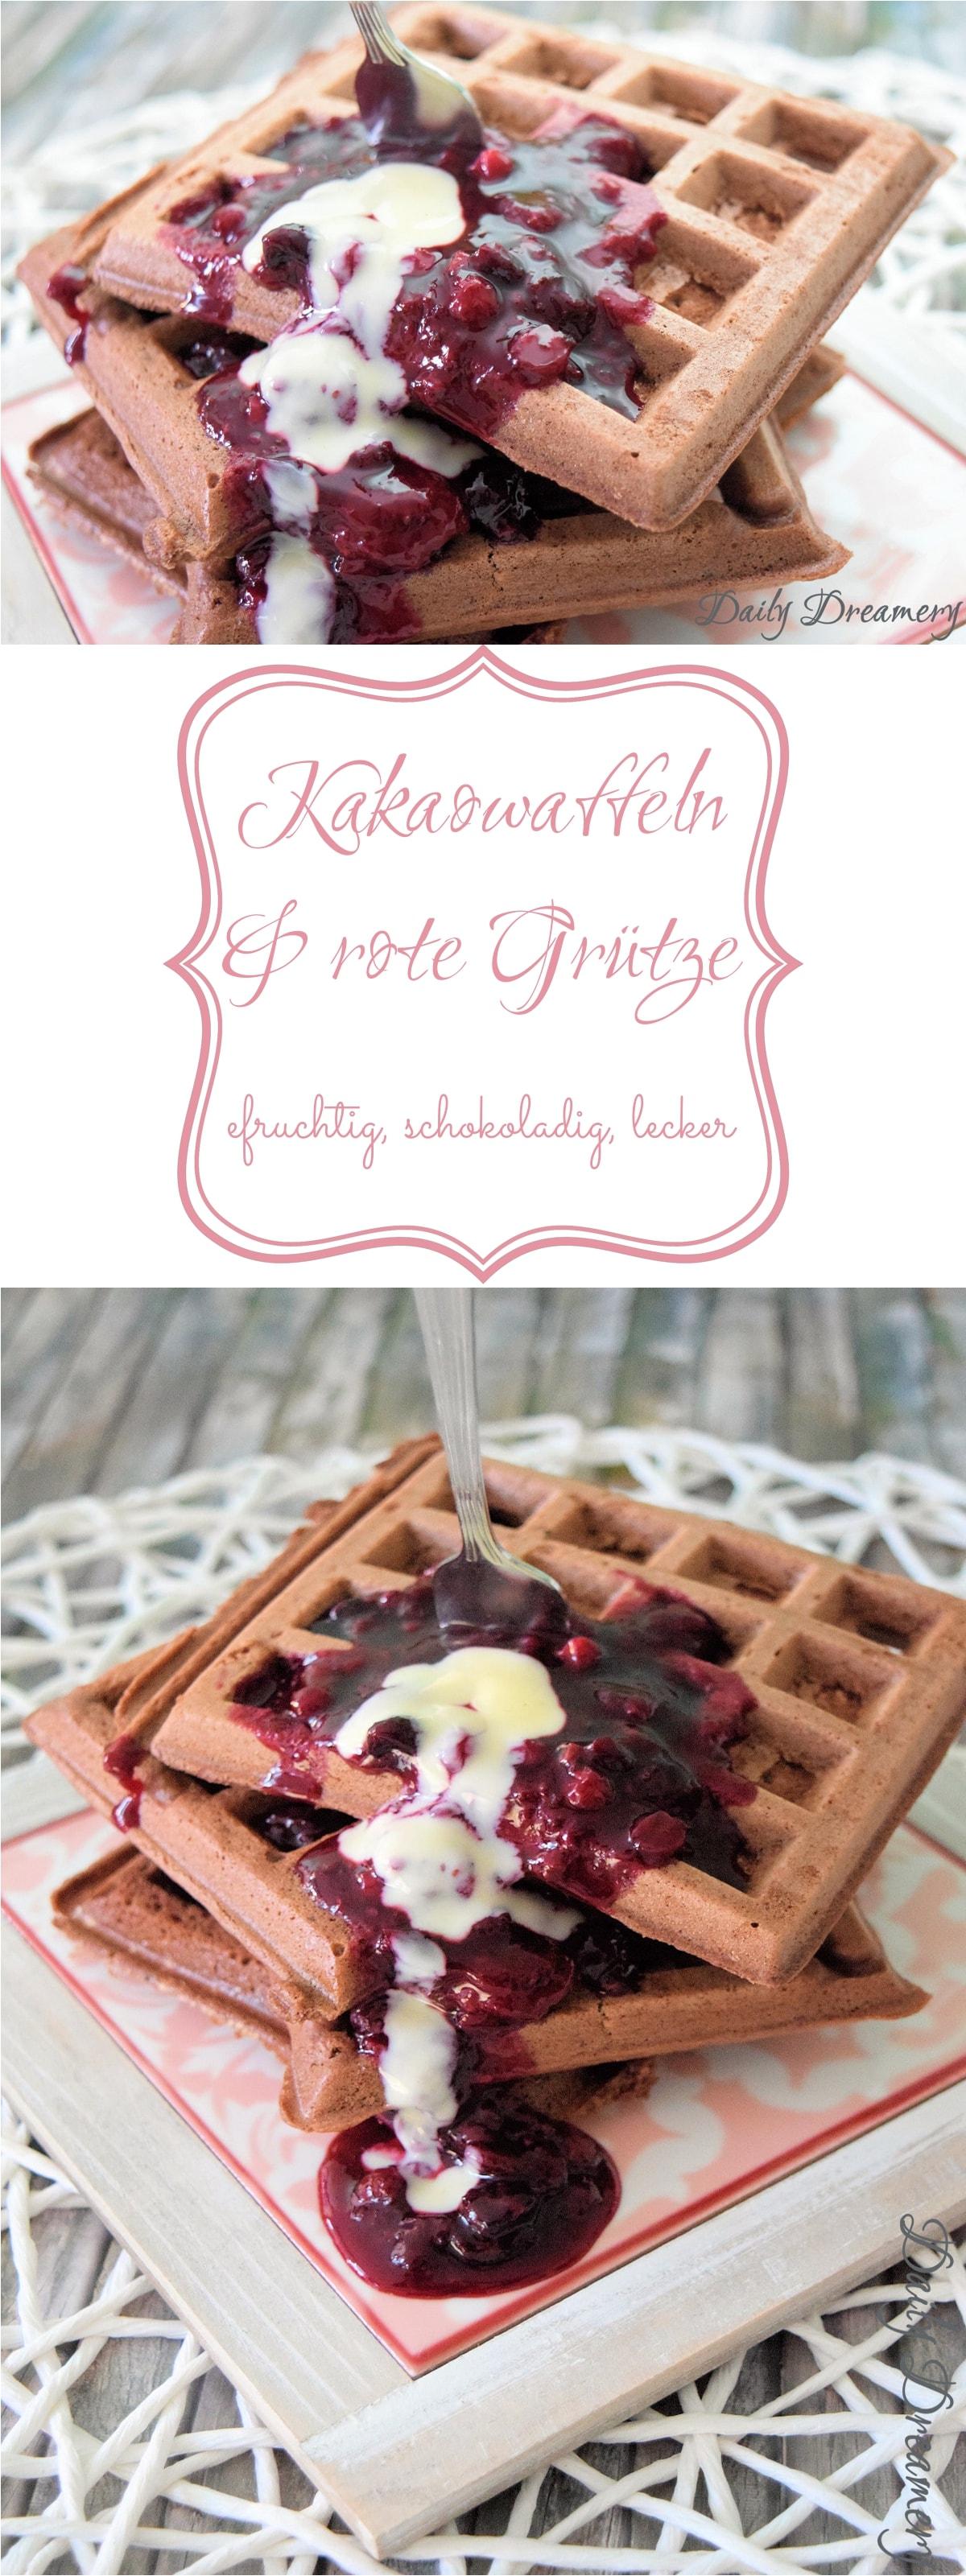 Kakaowaffeln, rote Grütze und Vanillesoße: leckeres süßes Soulfood für kalte Tage